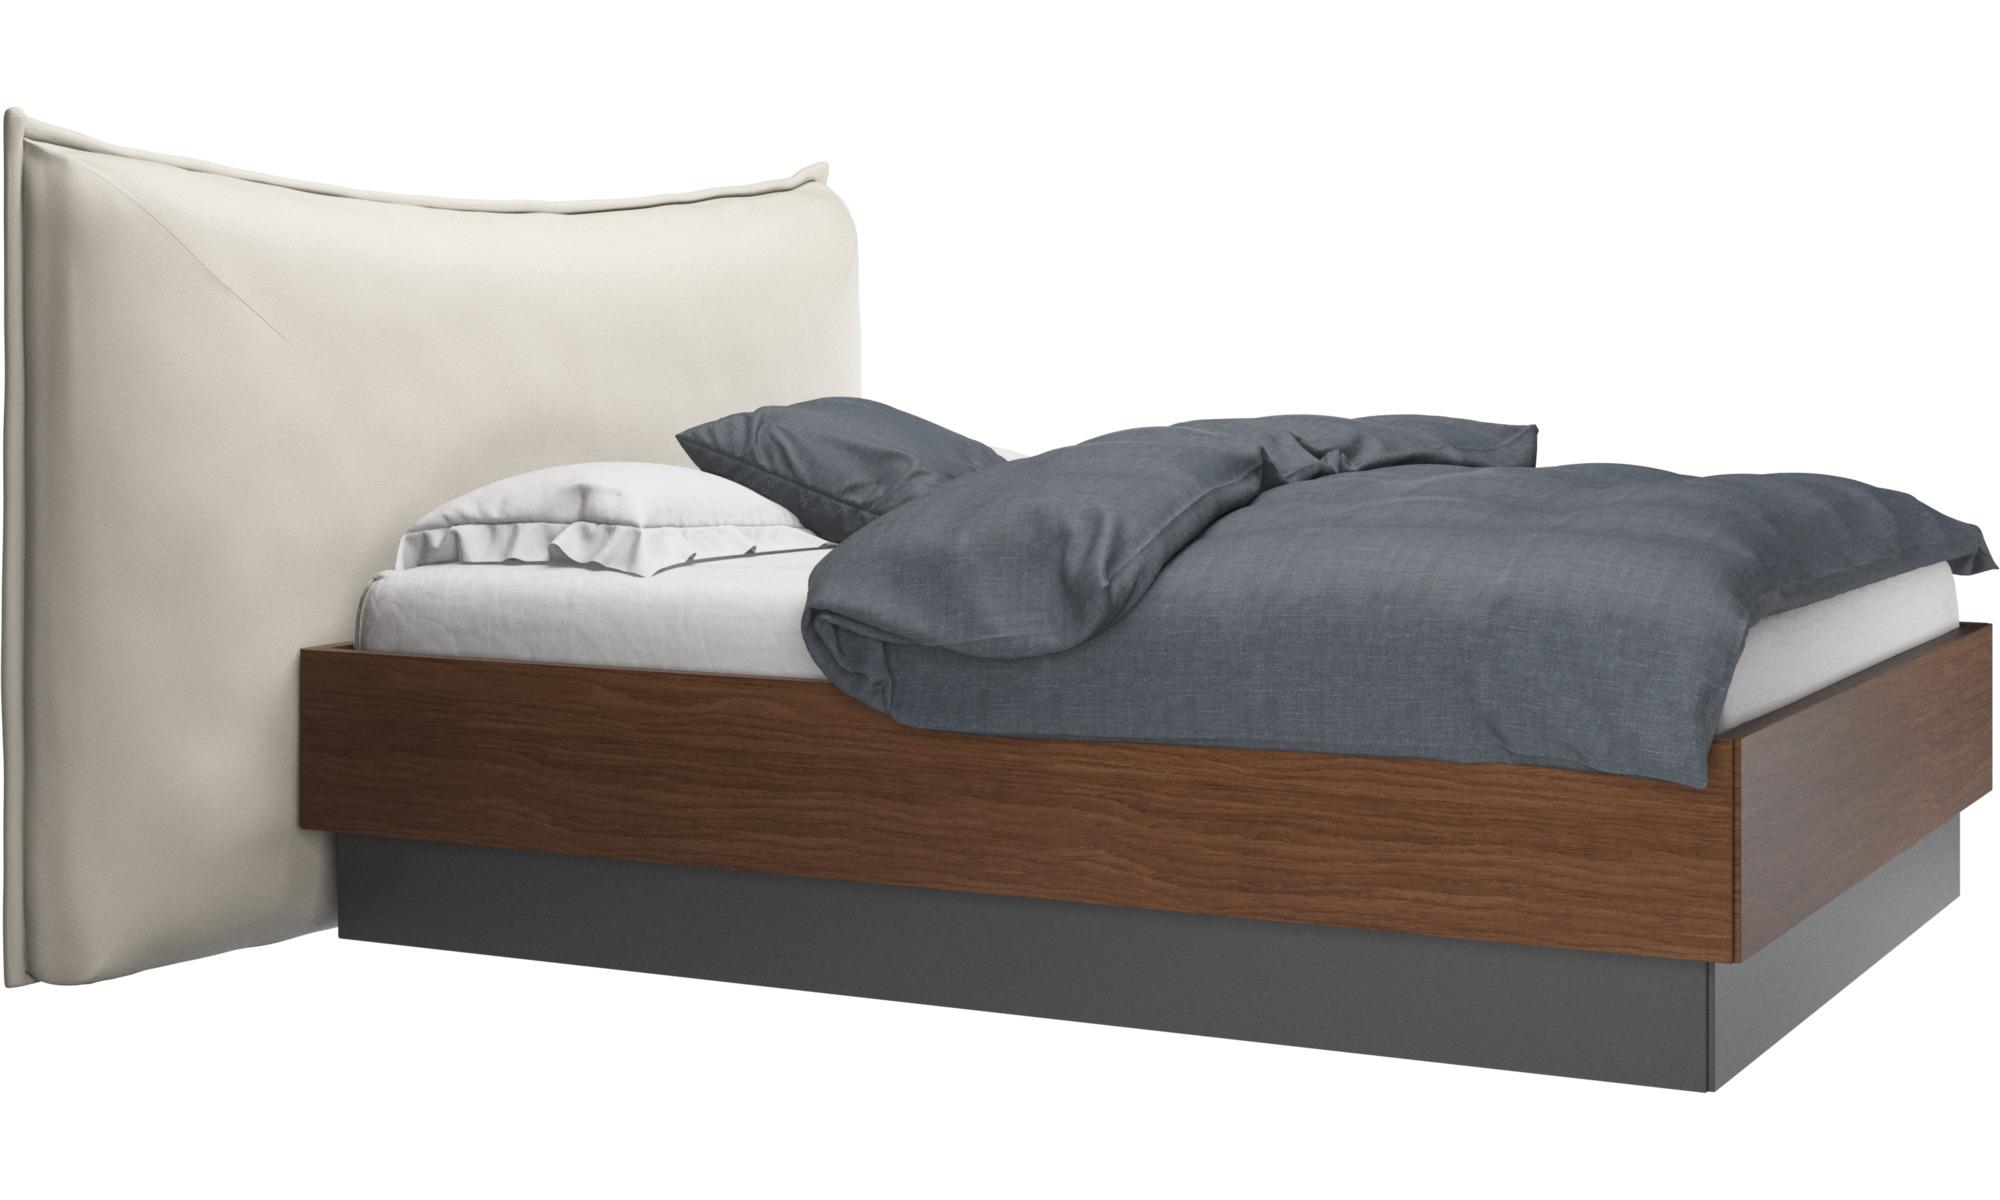 Camas - Cama con canapé, estructura elevable y tablado, no incluye colchón Gent - Blanco - Piel